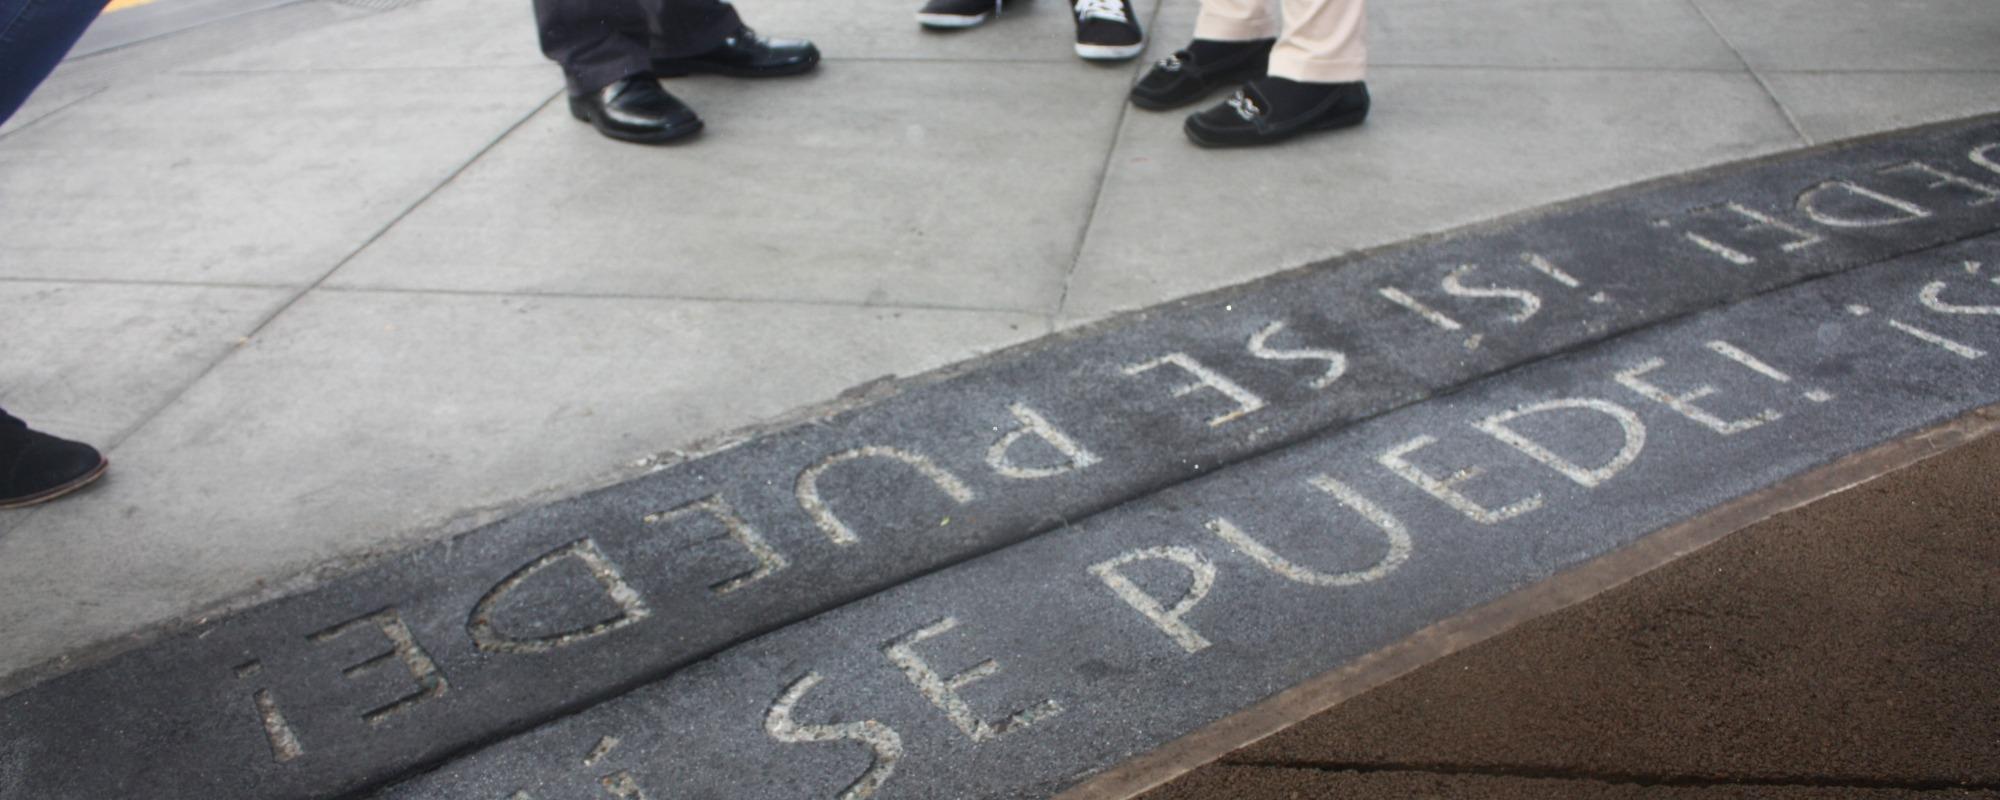 Cesar Chavez Streetscape Project sidewalk decoration